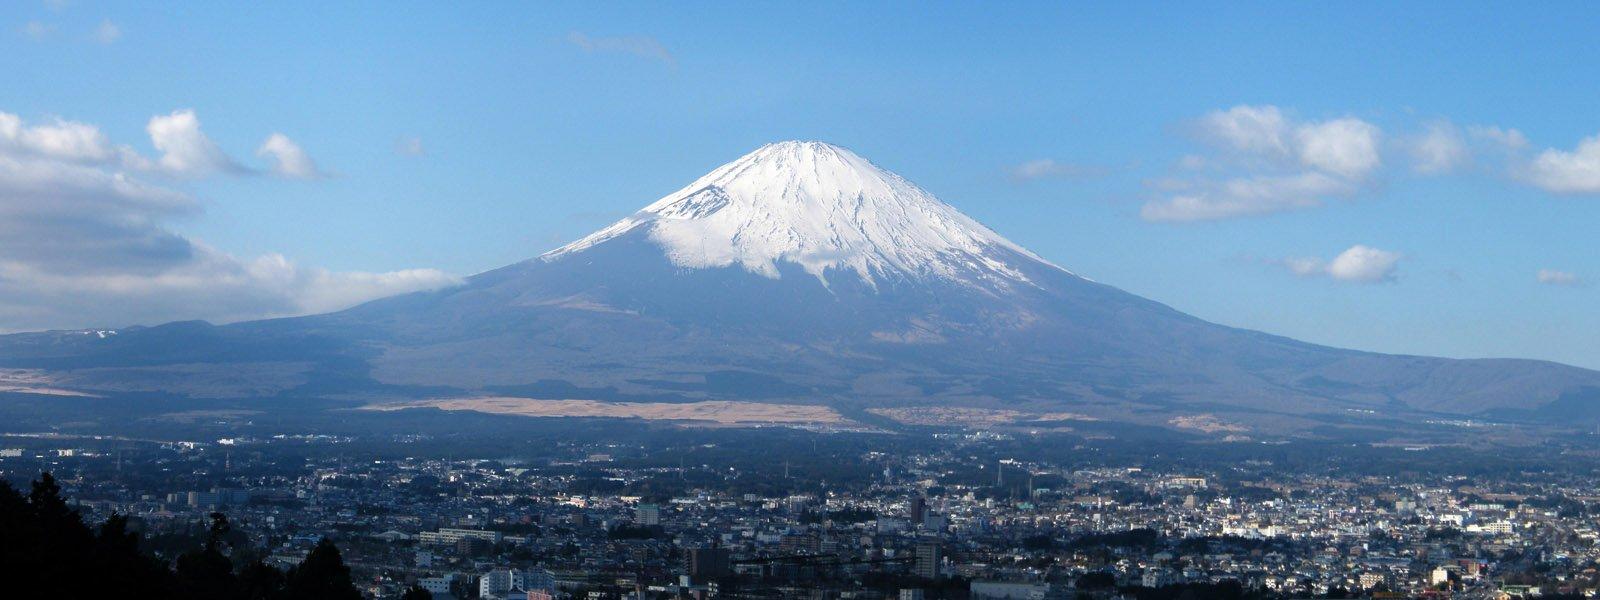 Japonya'da internetin hızı Fuji Dağı'nda zirve yapıyor!